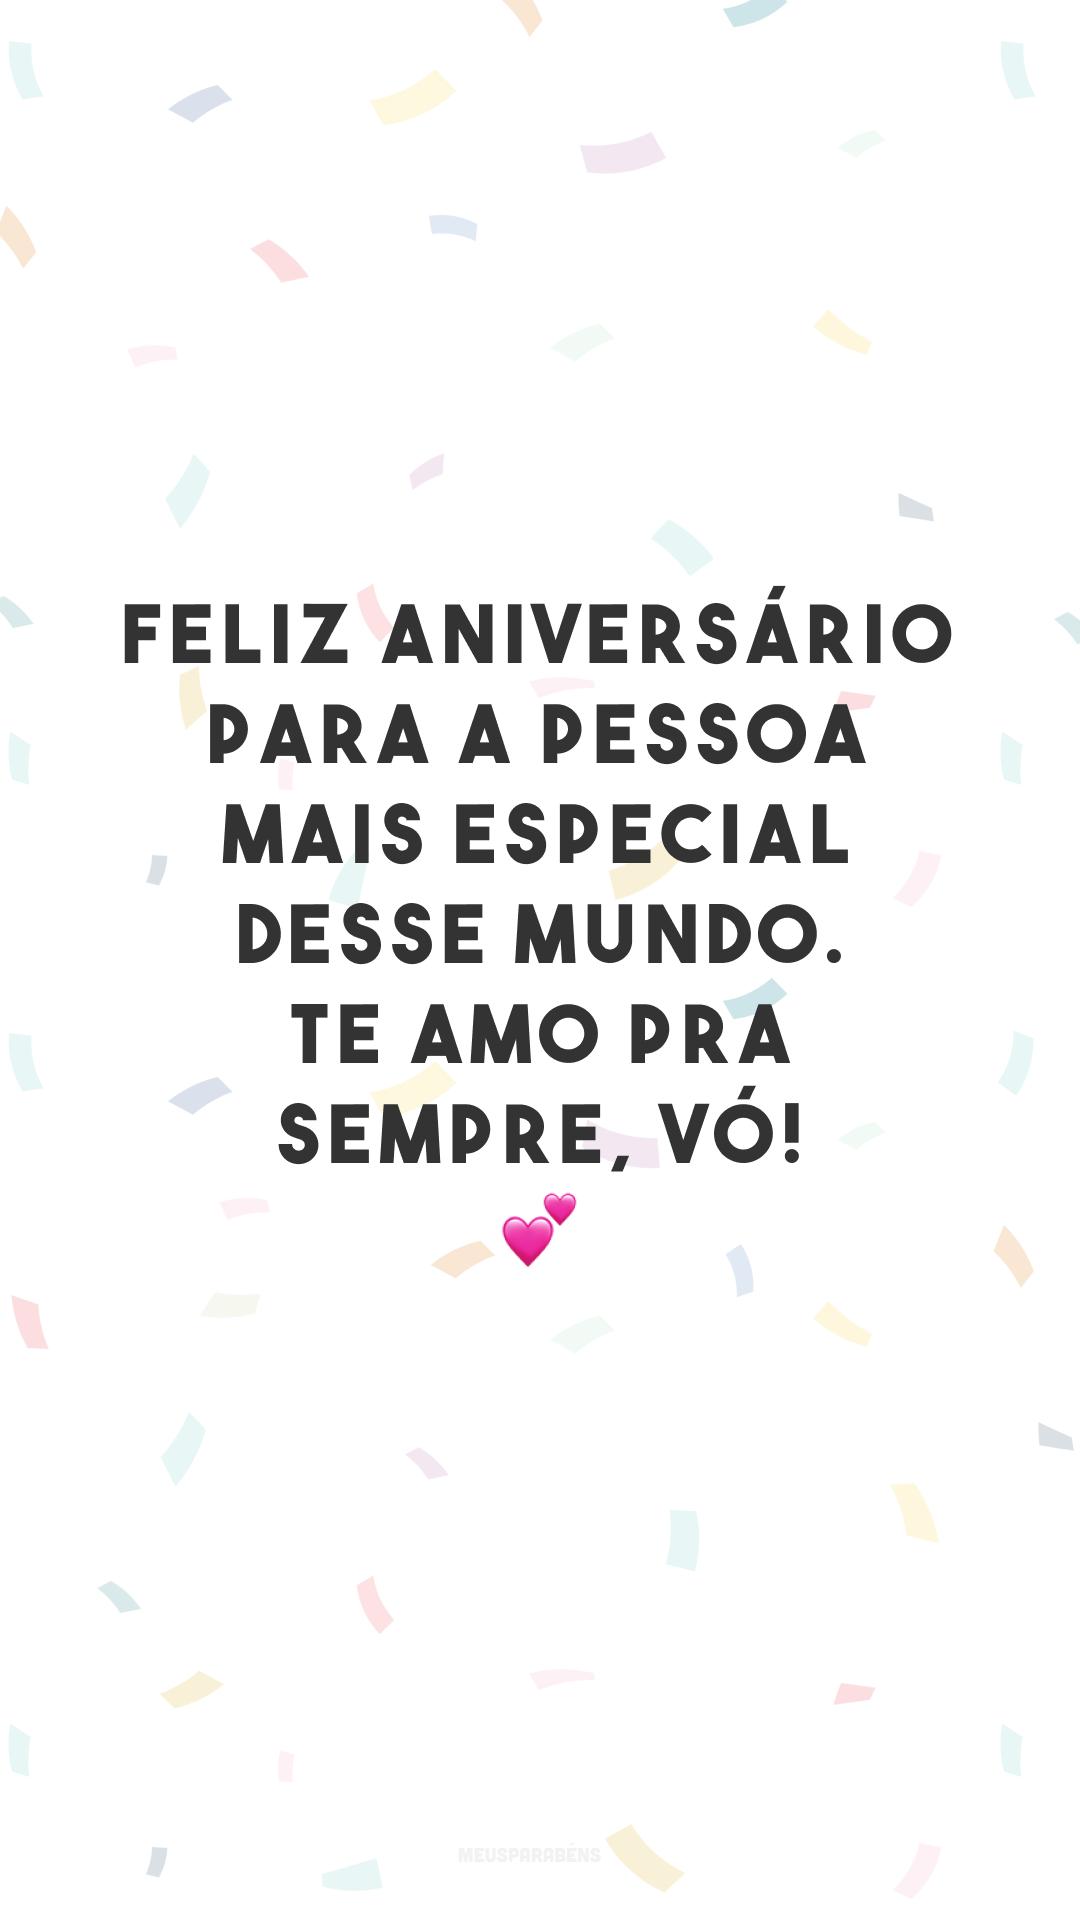 Feliz aniversário para a pessoa mais especial desse mundo. Te amo pra sempre, vó! 💕